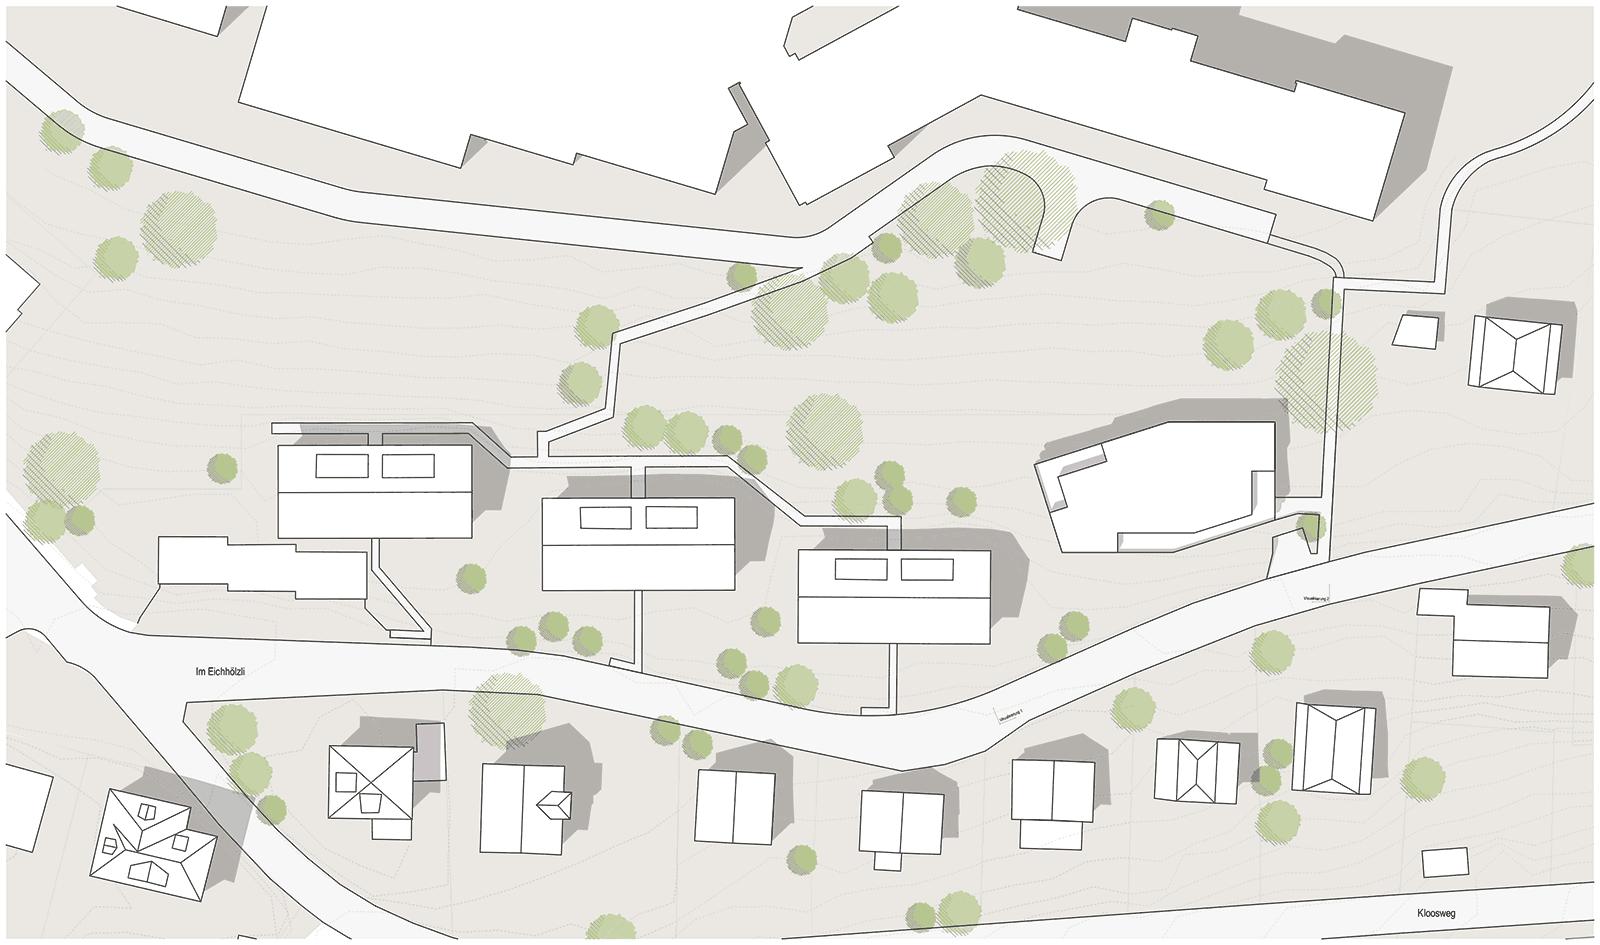 Situationsplan Neubau Mehrfamilienhaus im Eichhölzli Biel/Bienne